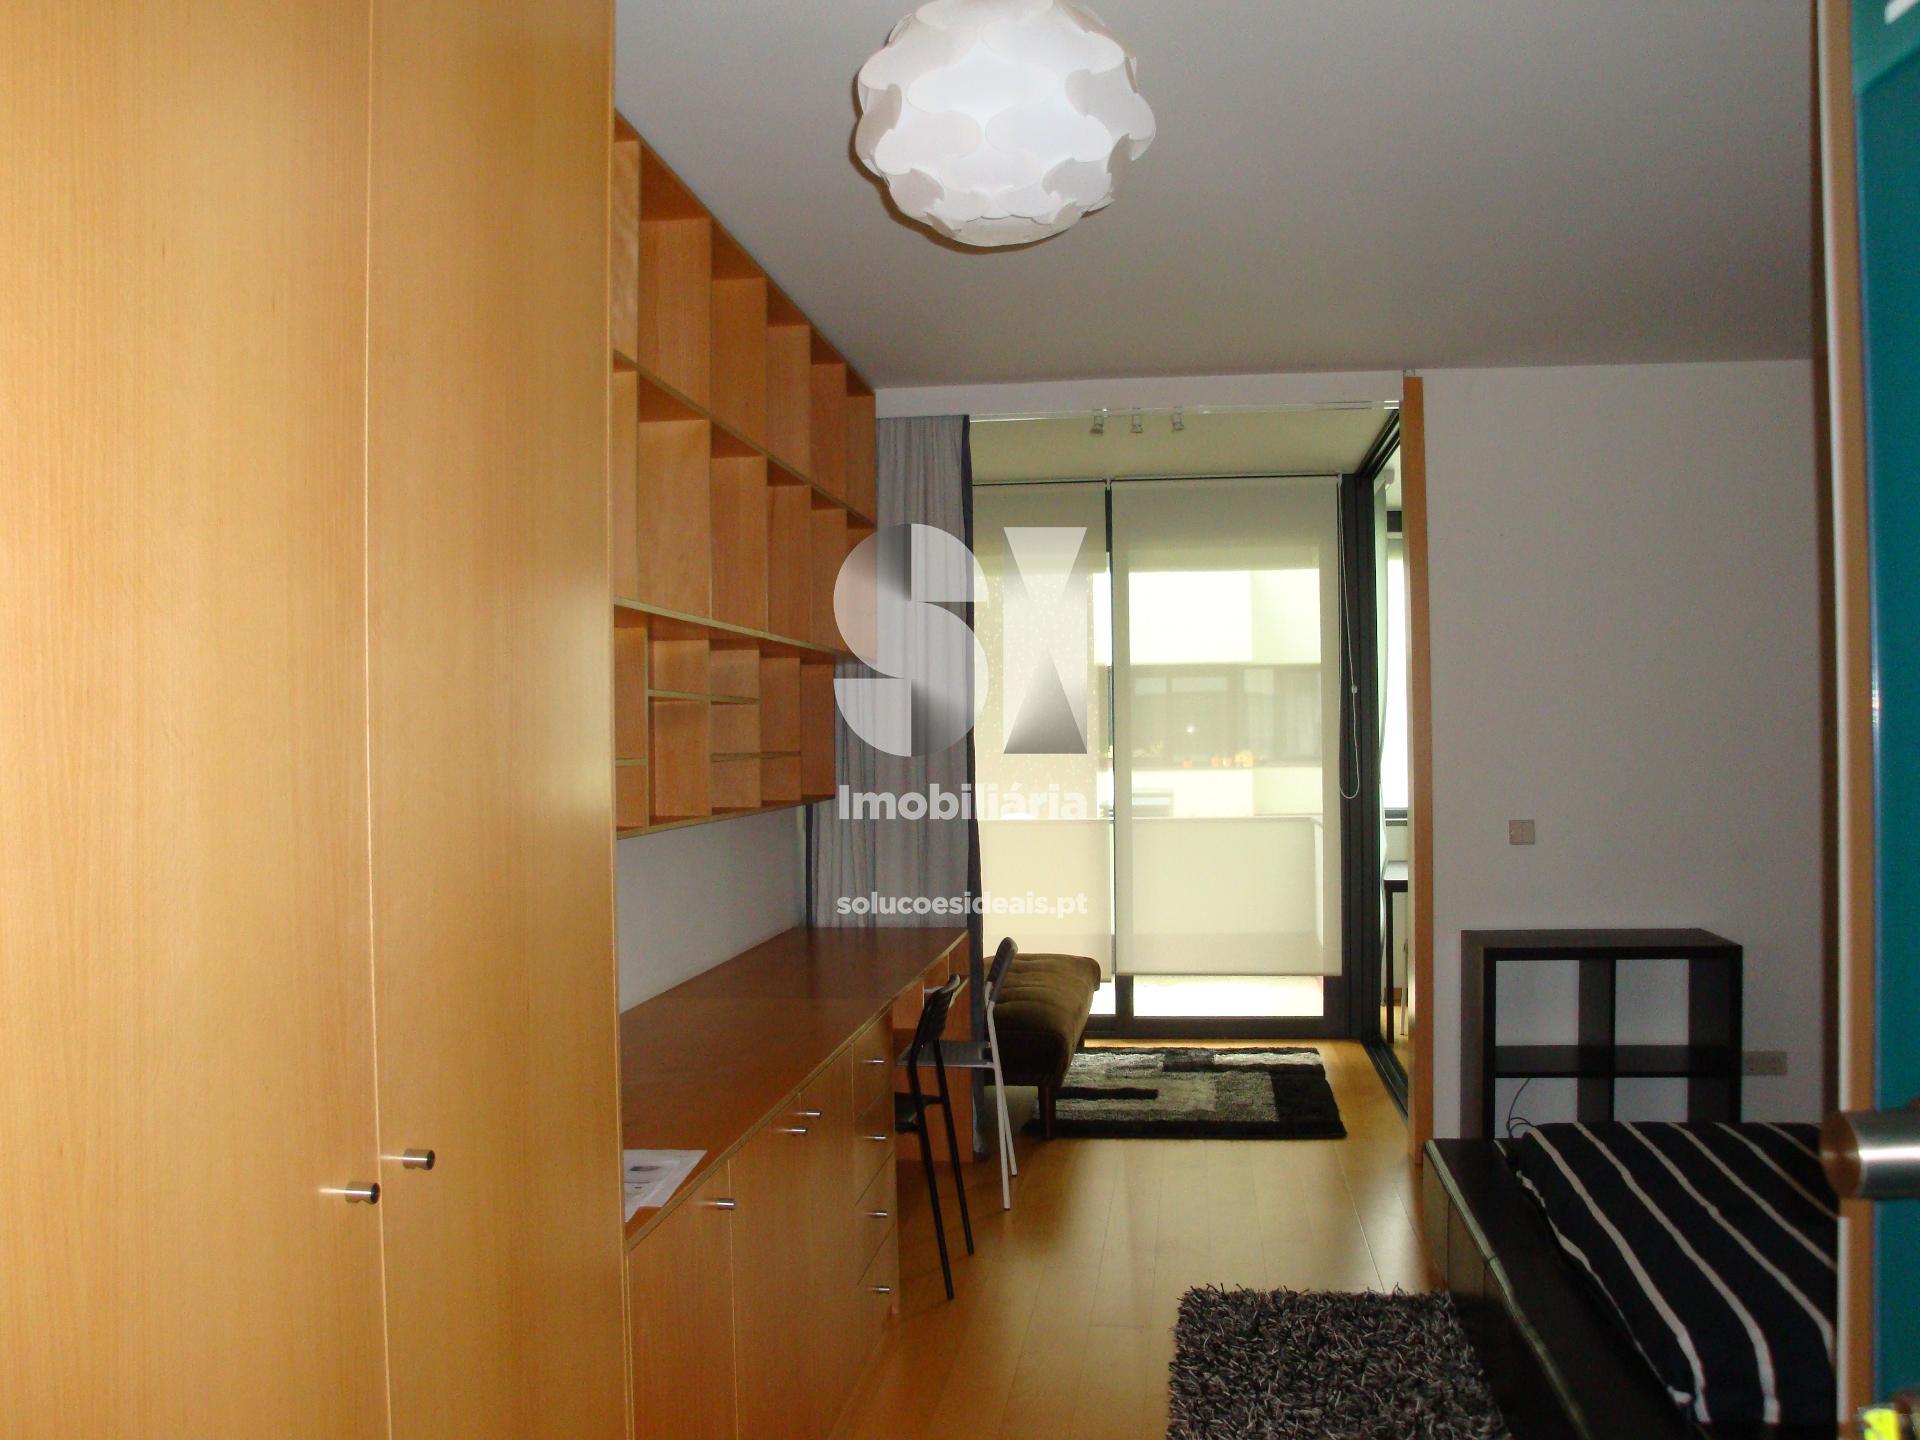 apartamento t0 para arrendamento em coimbra santo antonio dos olivais portela SEDFR9683